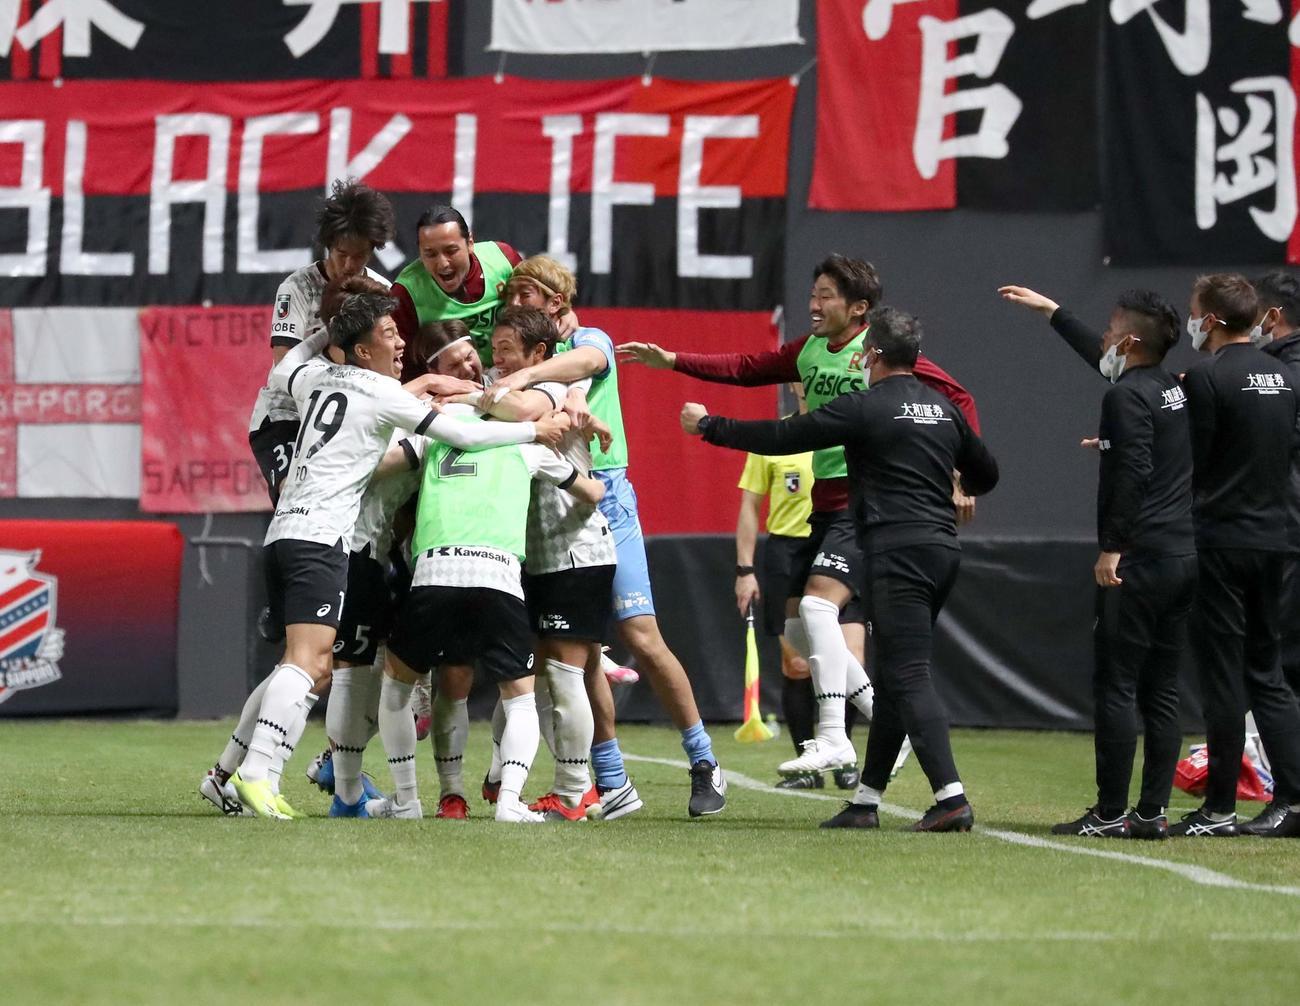 札幌対神戸 後半41分、MF山口が勝ち越しゴール決め、沸く神戸の選手たち(撮影・黒川智章)